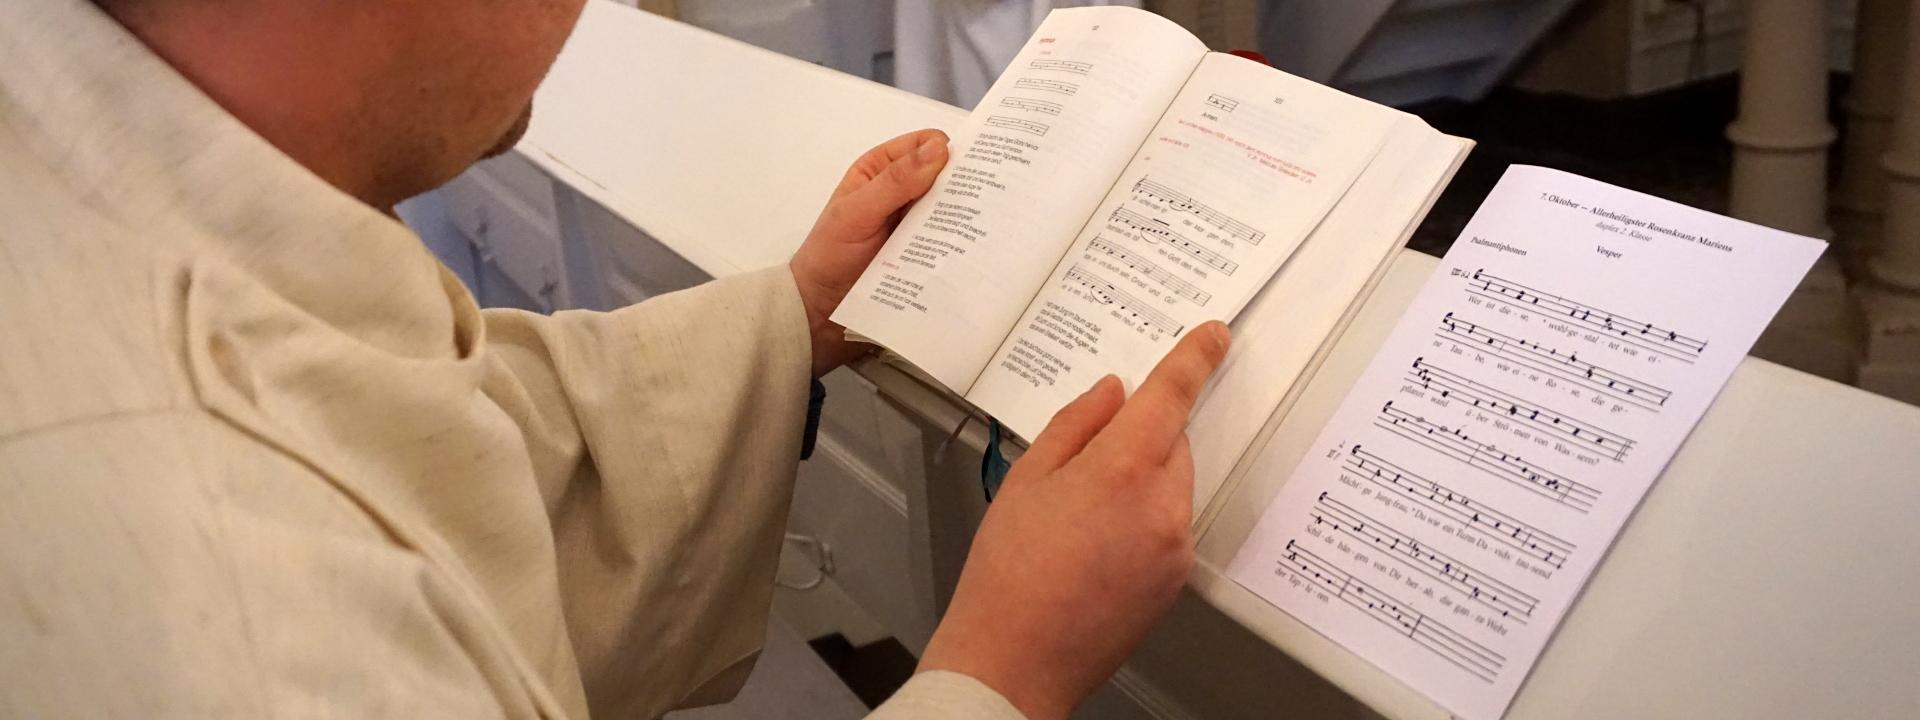 Novize mit Chorgebet und Vesperheft Rosenkranz Marien Rigalsche Kapelle Regionalkonvent West SJB Johannesbruderschaft